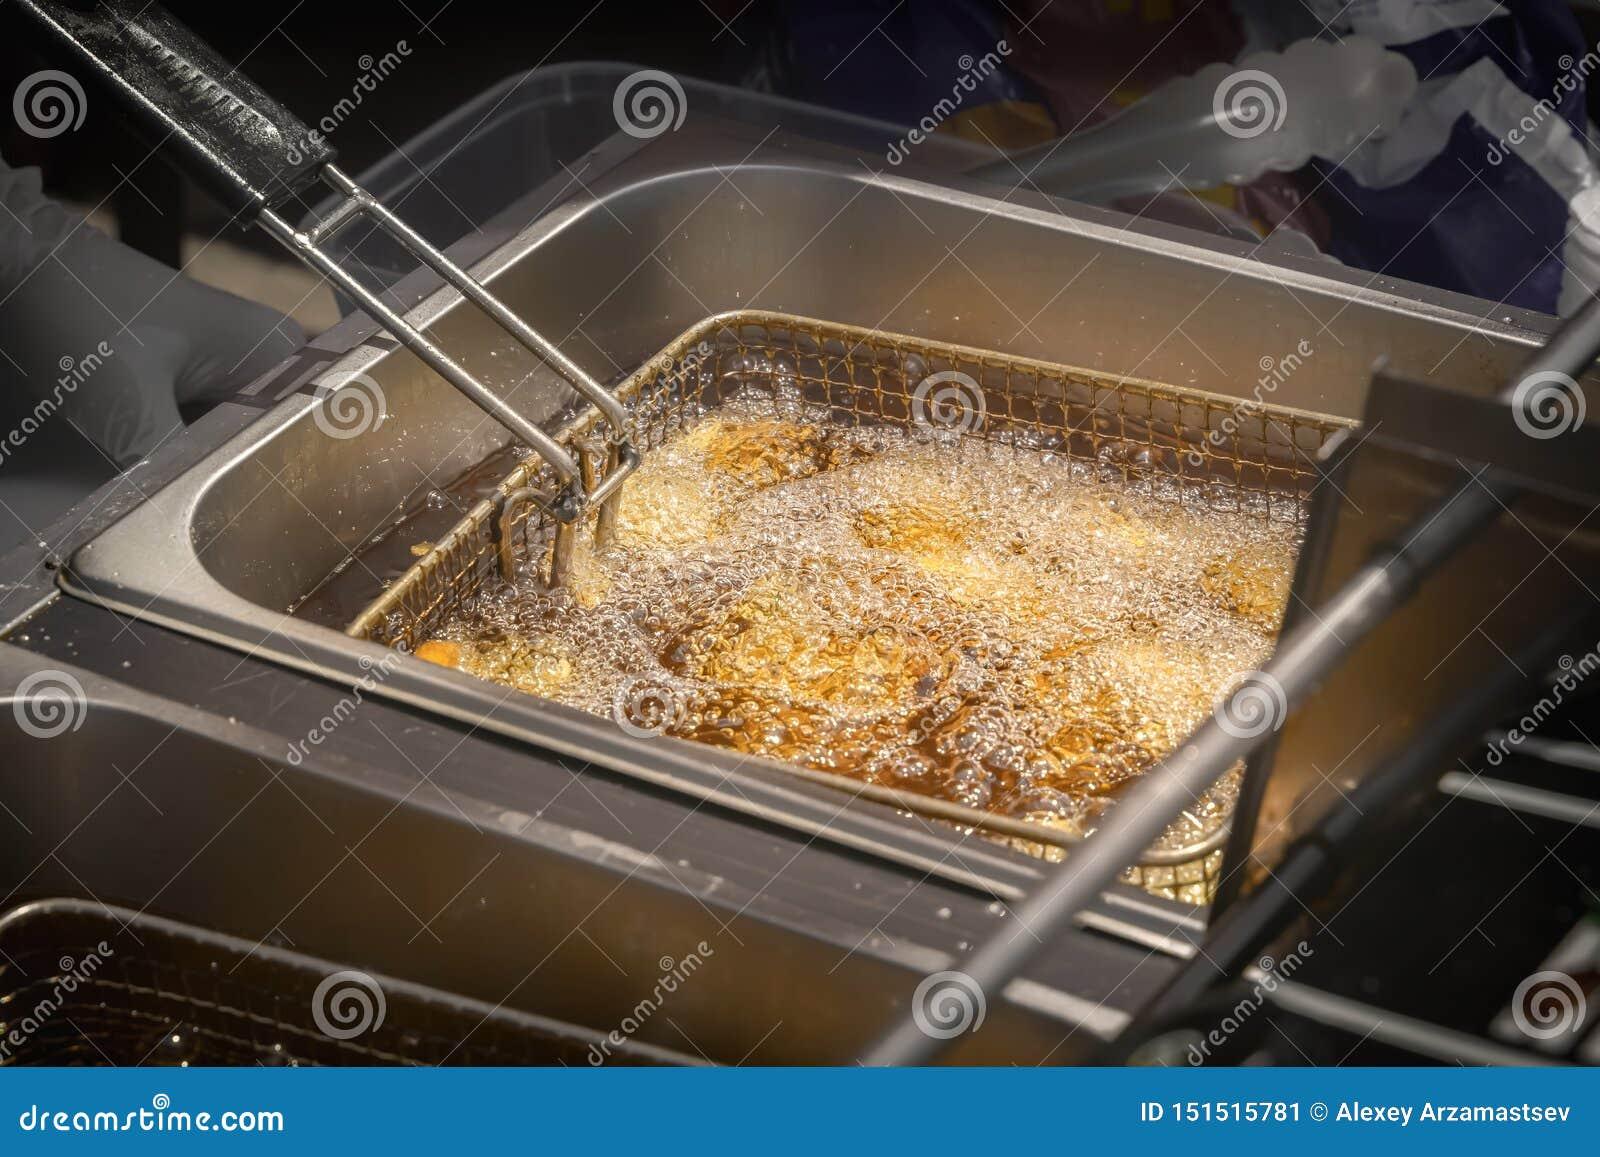 De braadpan van het netto voedsel wordt verminderd in kokende olie in een openluchtfast-food restaurant